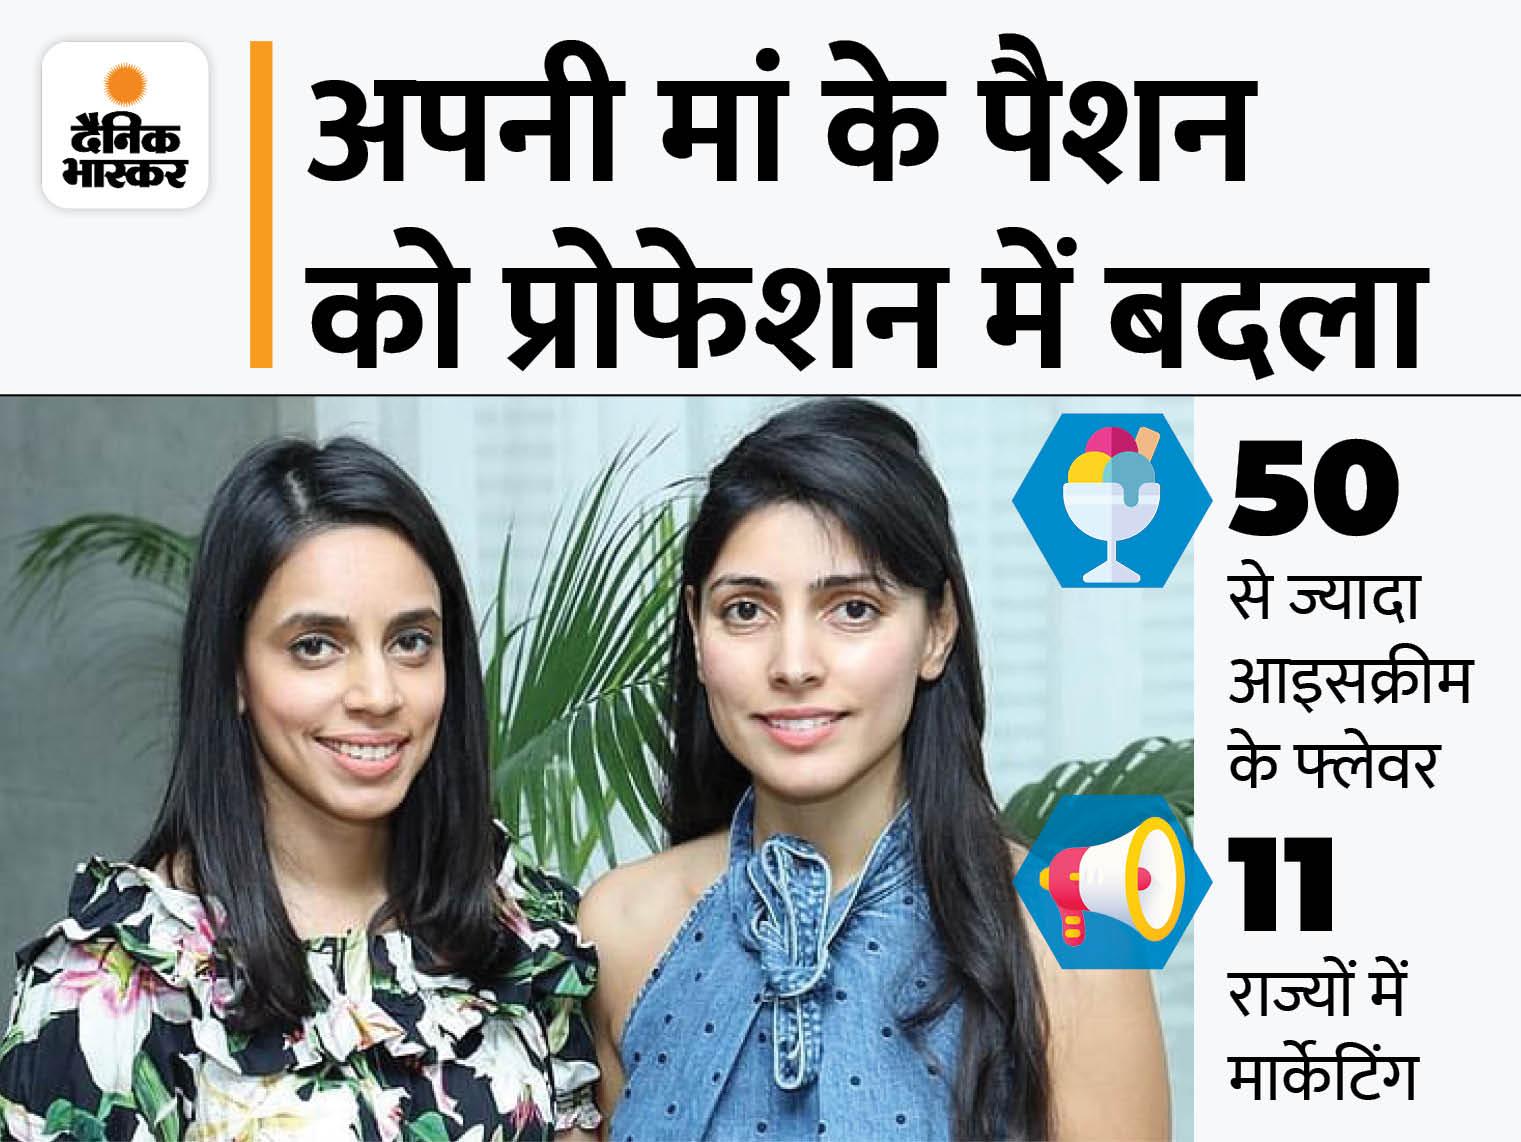 दिल्ली की दो बहनों ने 4 साल पहले घर से आइसक्रीम का बिजनेस शुरू किया, अब हर महीने 10 हजार से ज्यादा ऑर्डर मिल रहे, लाखों में कमाई|DB ओरिजिनल,DB Original - Dainik Bhaskar